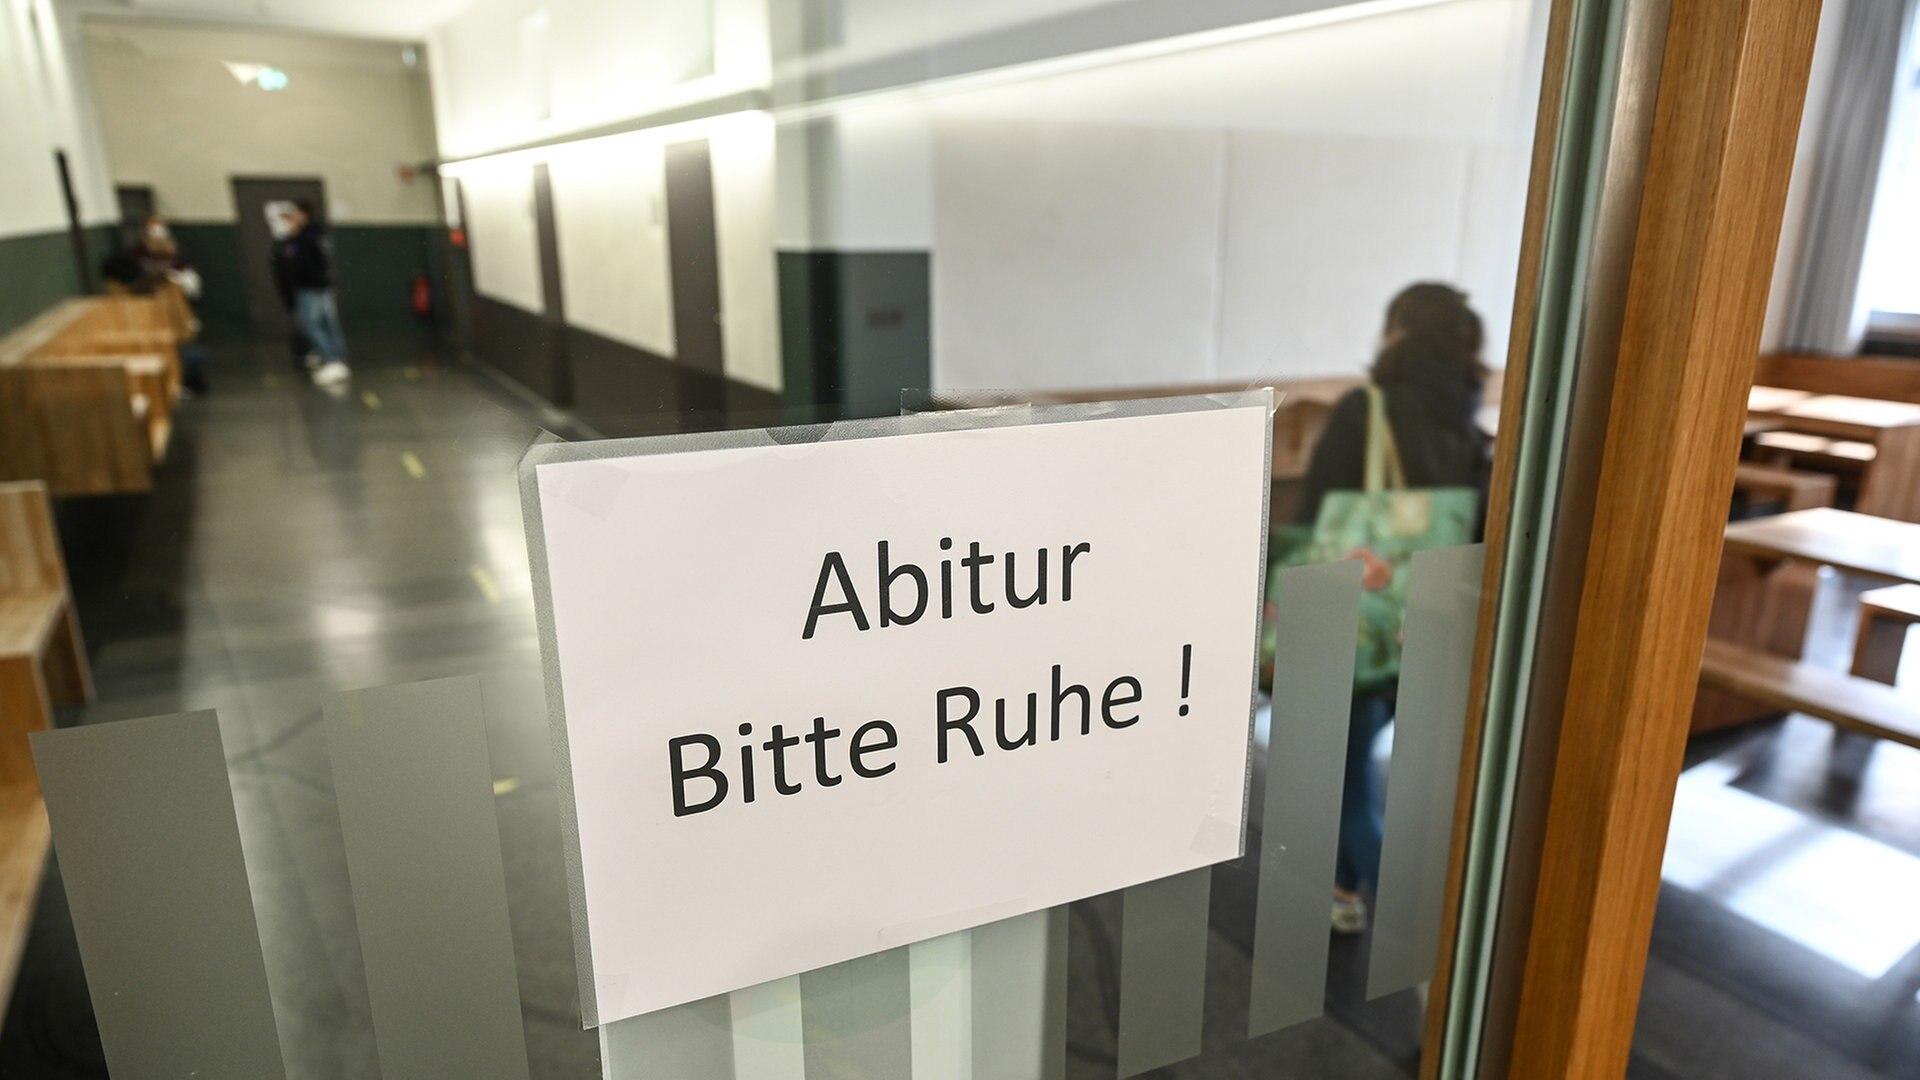 Trotz Corona Abi Schnitt in Niedersachsen verbessert   NDR.de ...